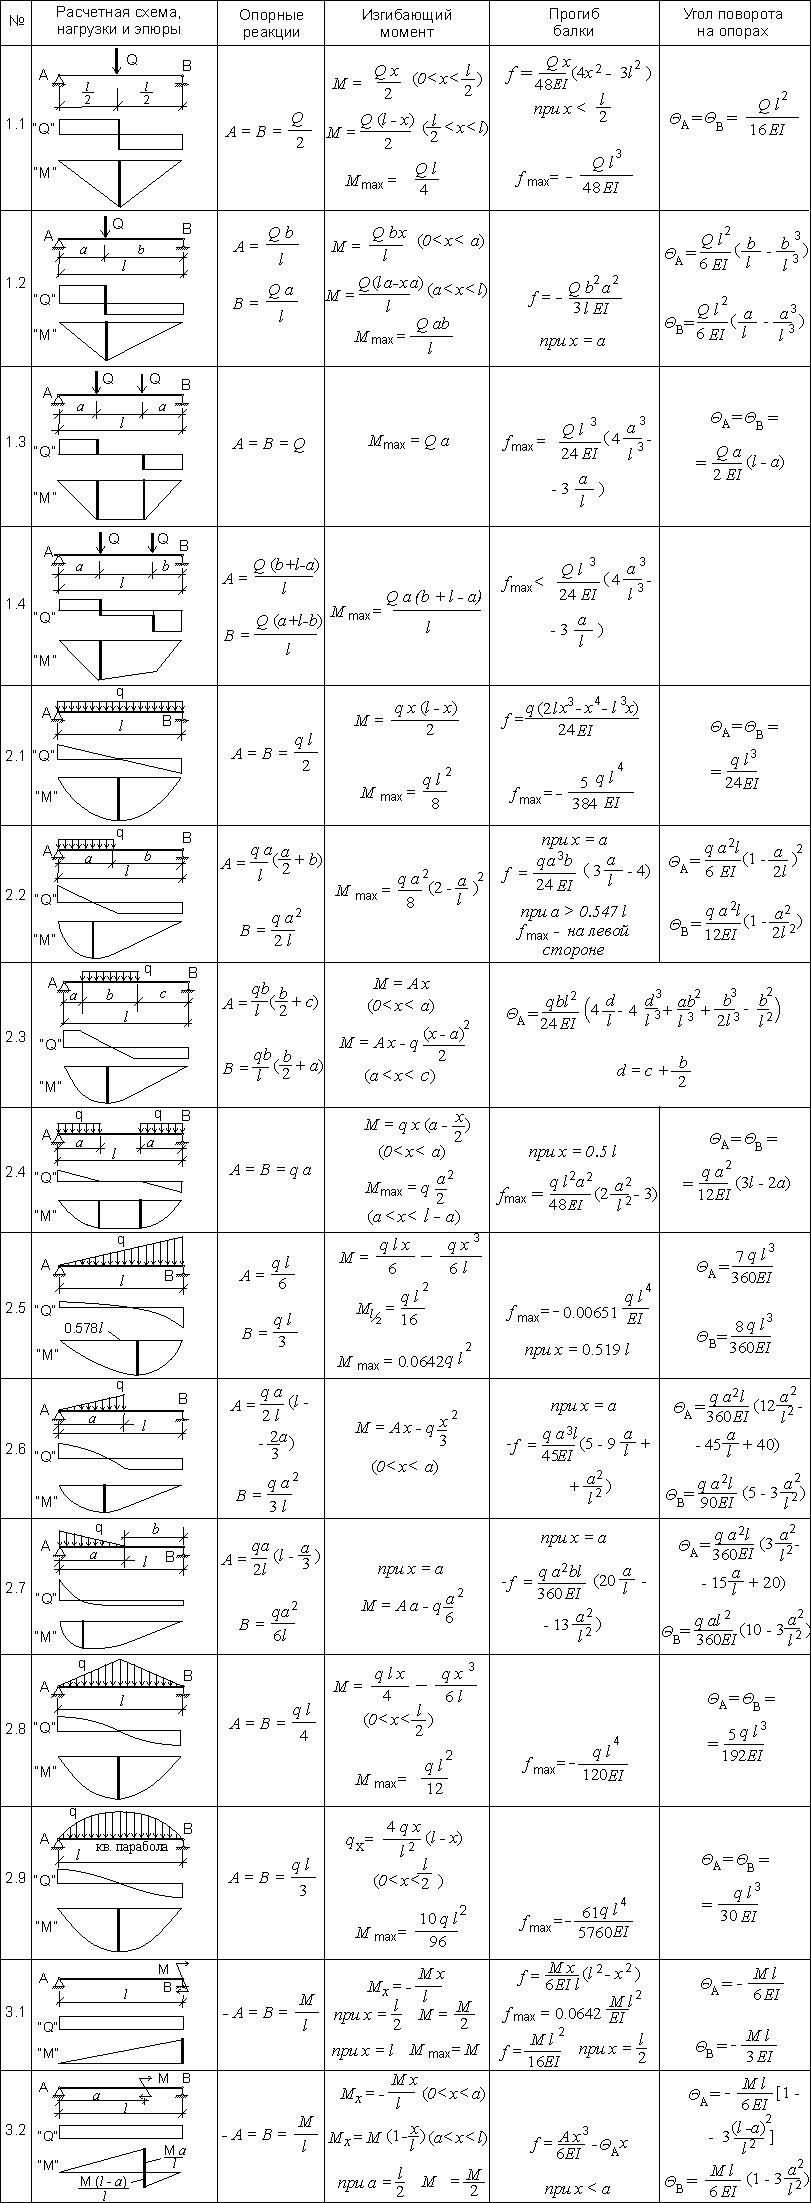 расчетные схемы, эпюры сил и моментов, формулы для опорных реакций, максимального момента и прогиба и угла поворота балки